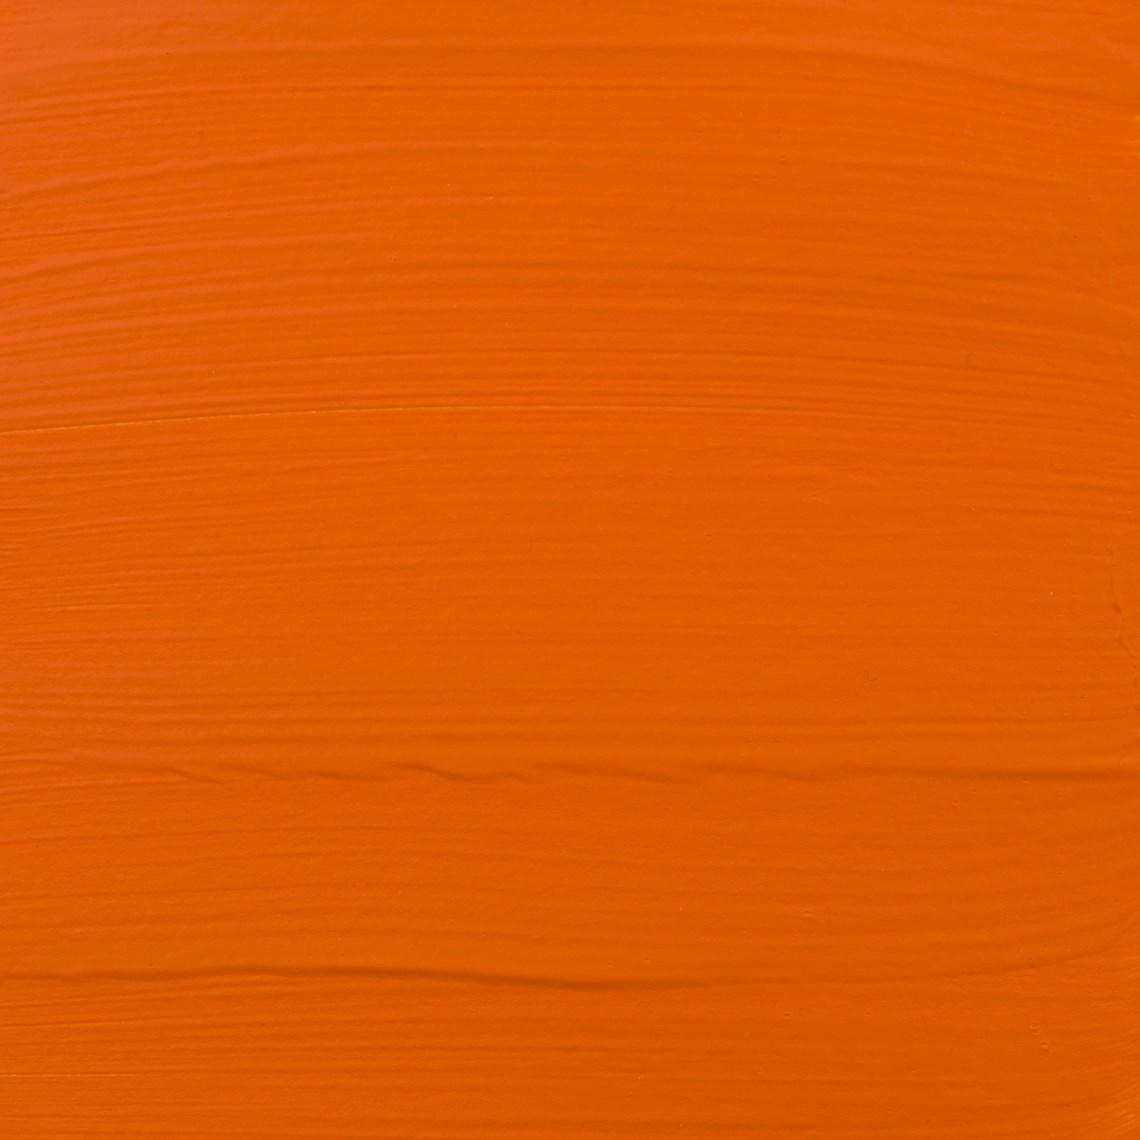 Amsterdam acrylverf Azo-oranje 276 Angelart Kunst en zo